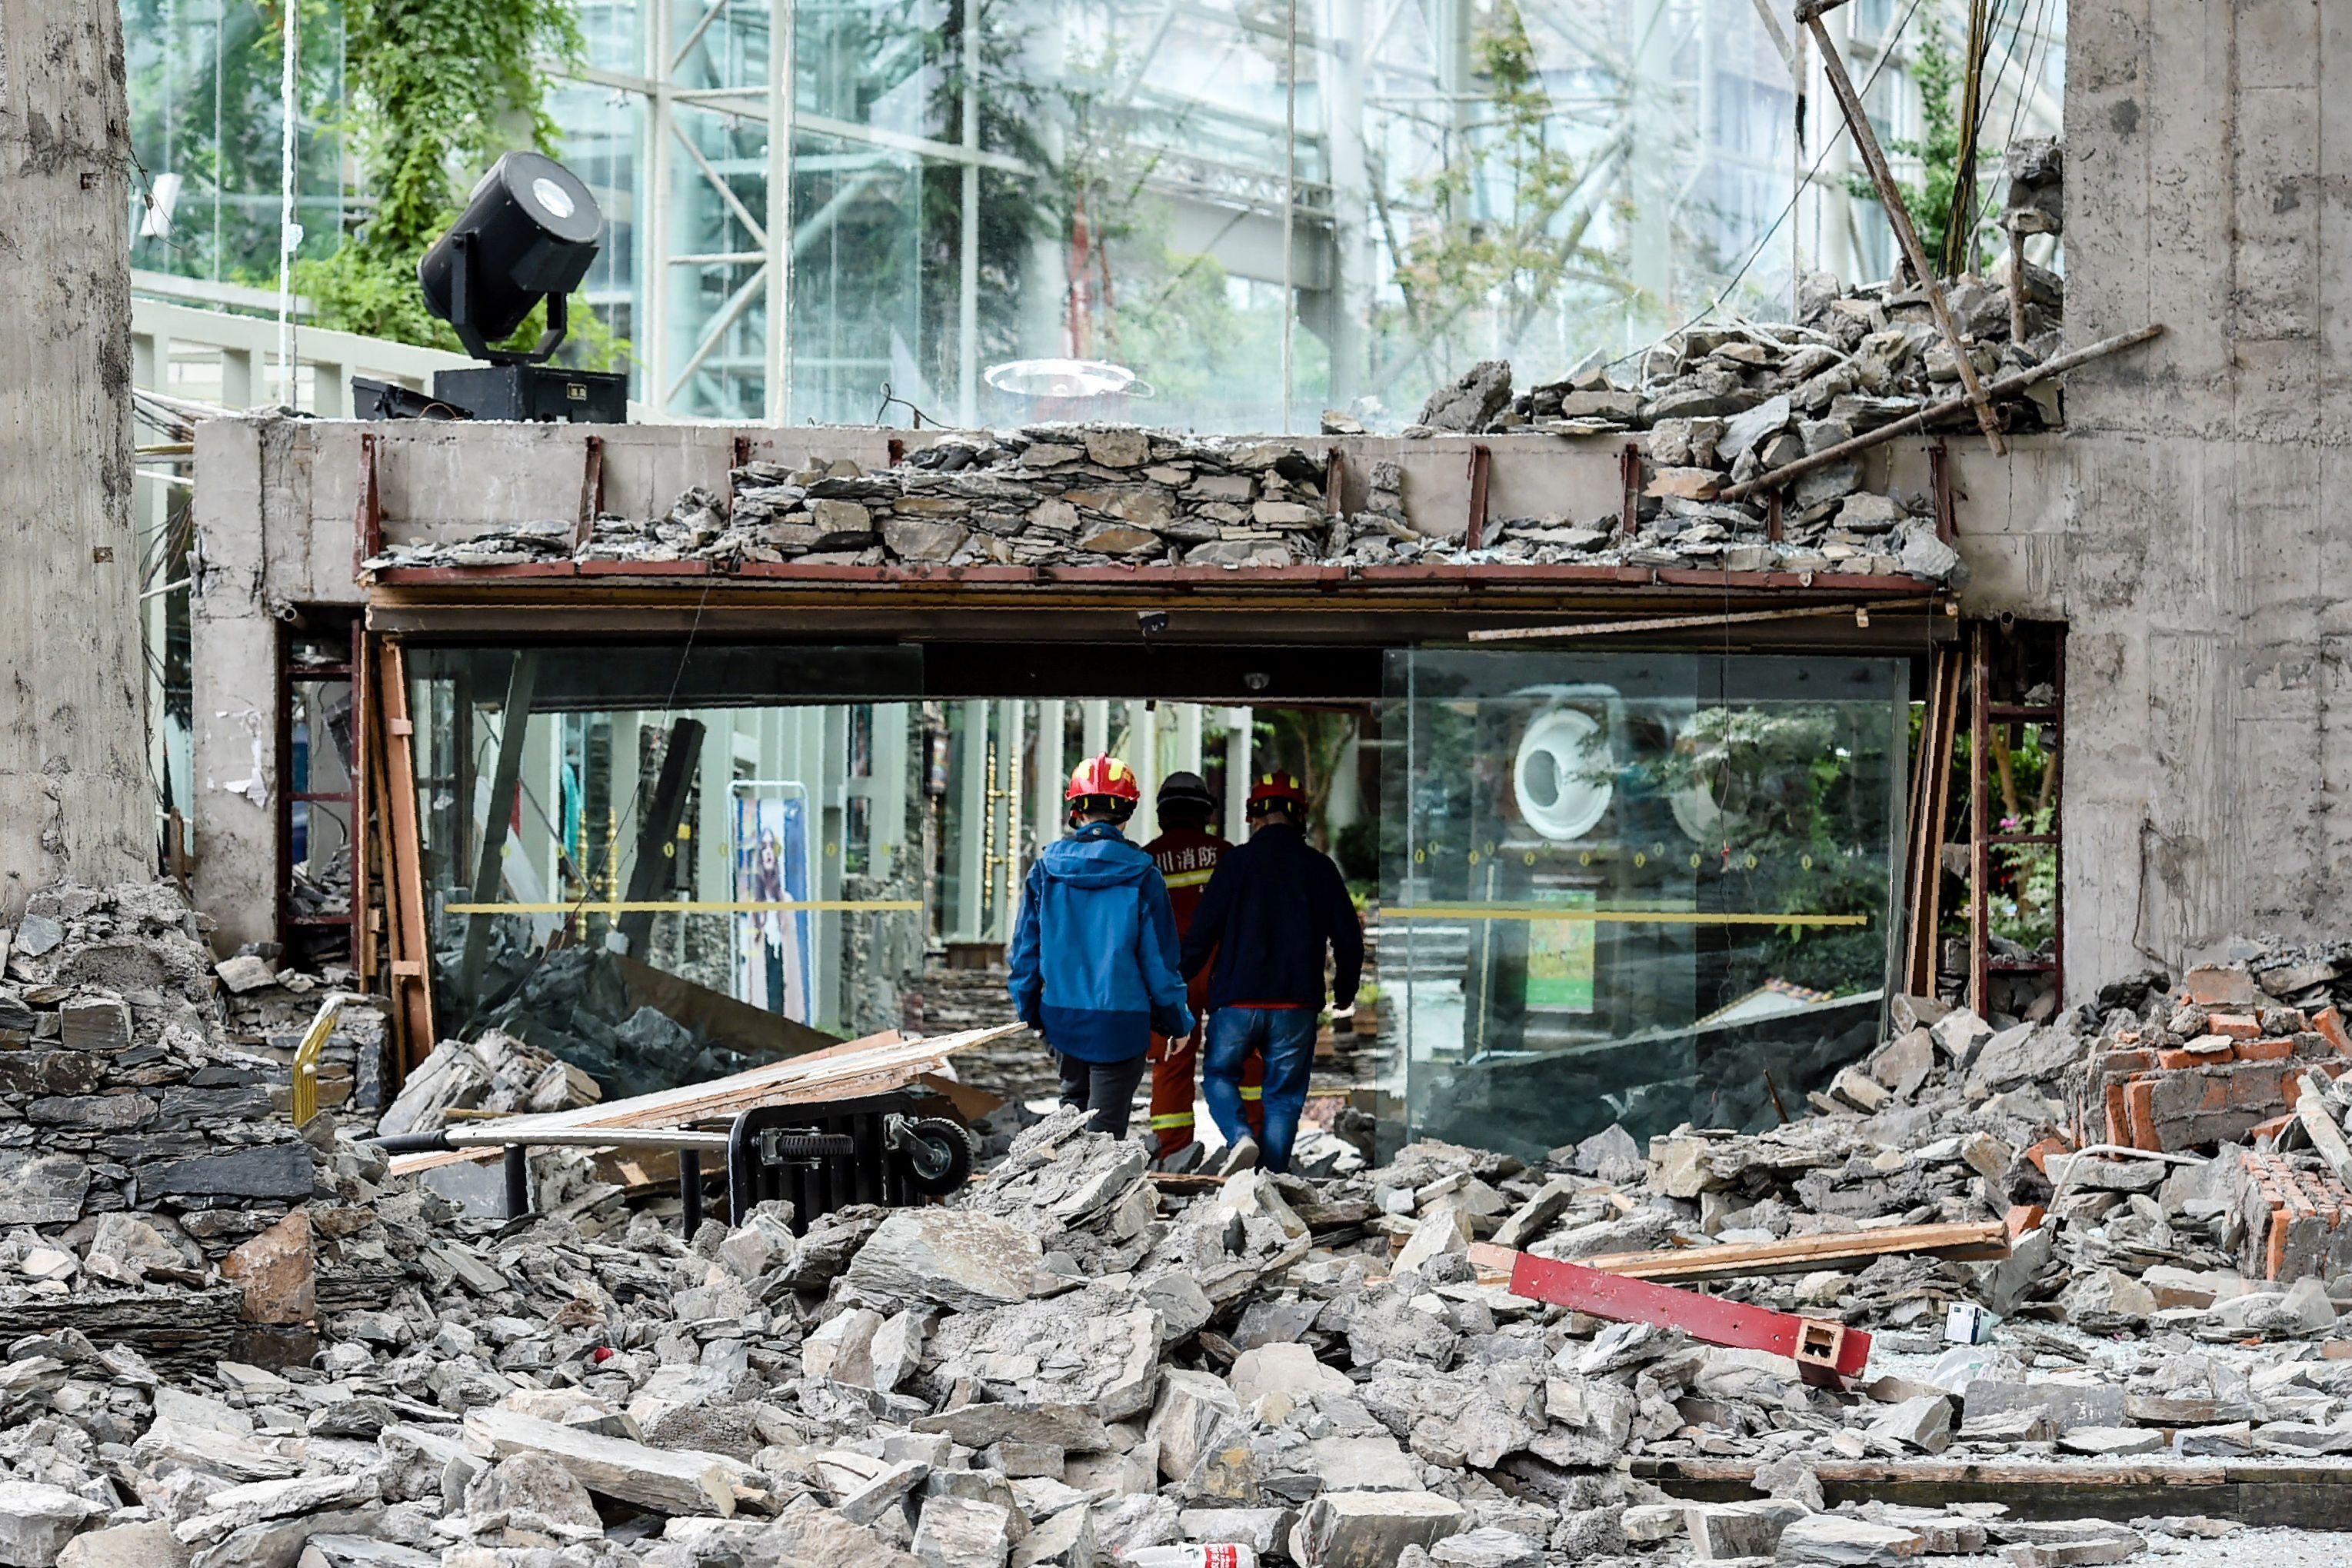 1285745-دمار-خلفه-زلزال-الصين